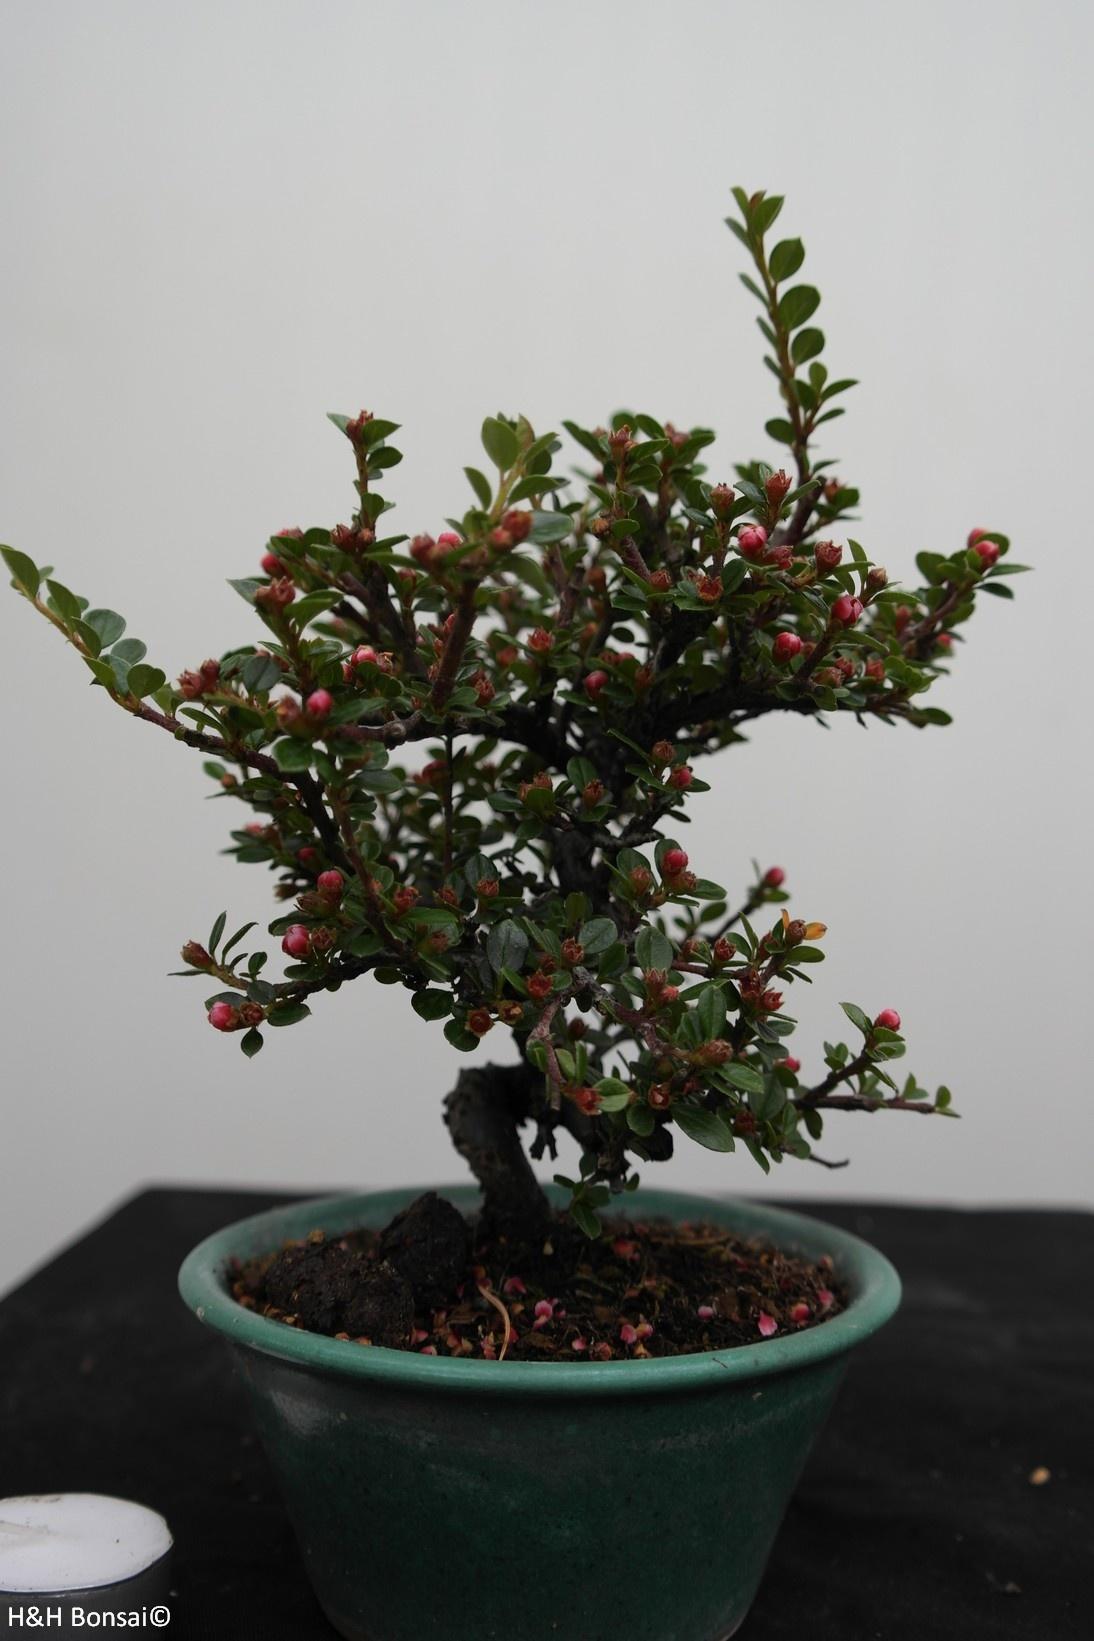 Bonsai Shohin Cotonéaster, Cotoneaster, no. 7772